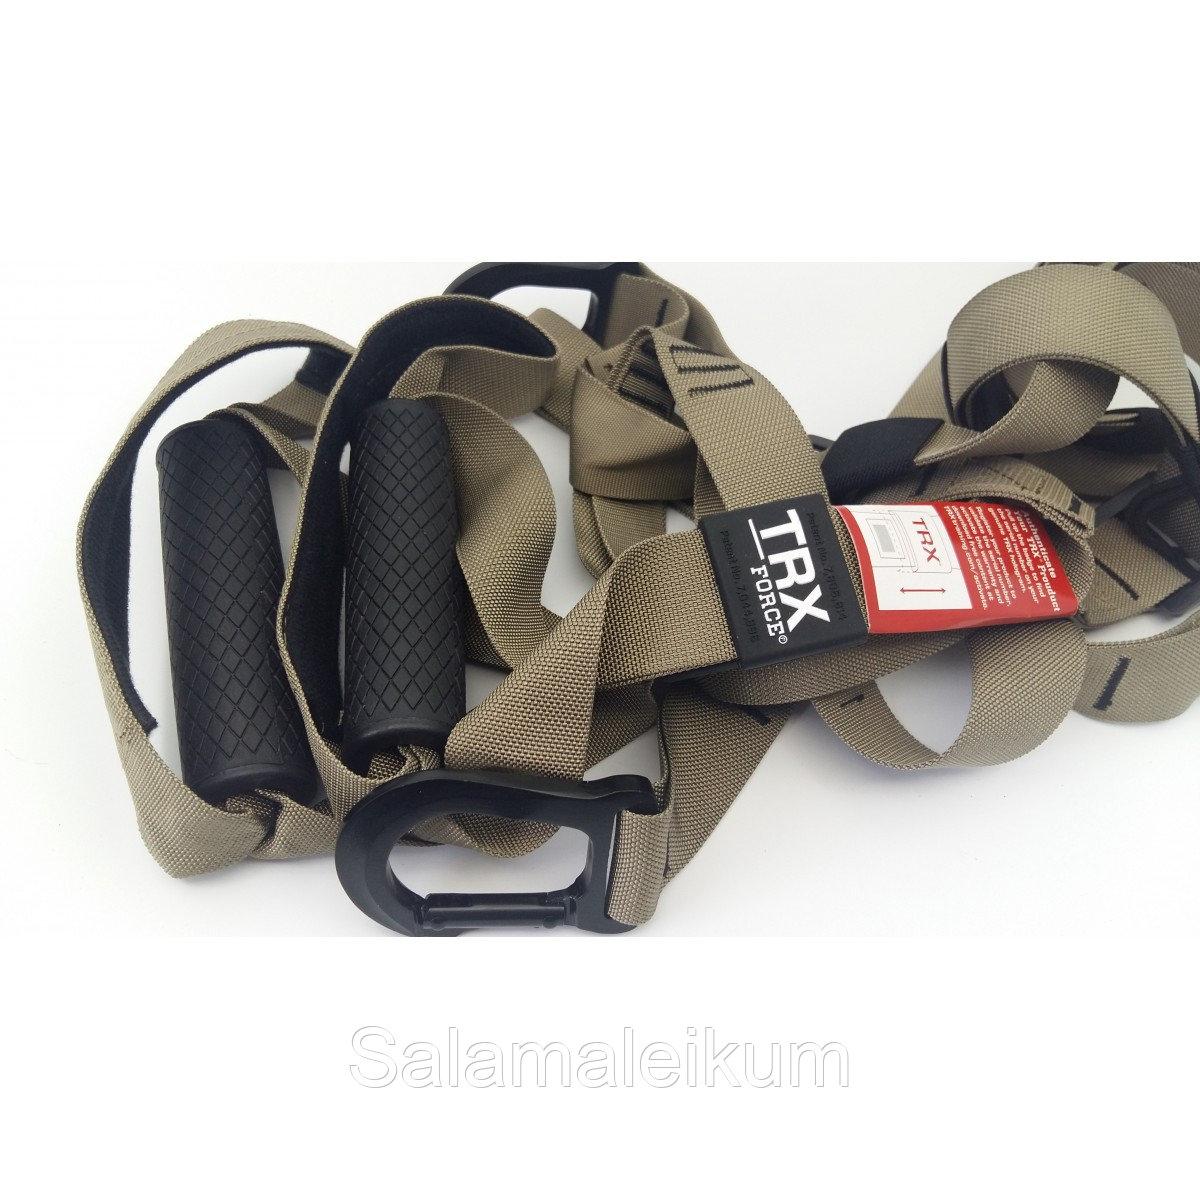 TRX PRO P5 Suspension Training Kit (тренировочные петли) SS-00441